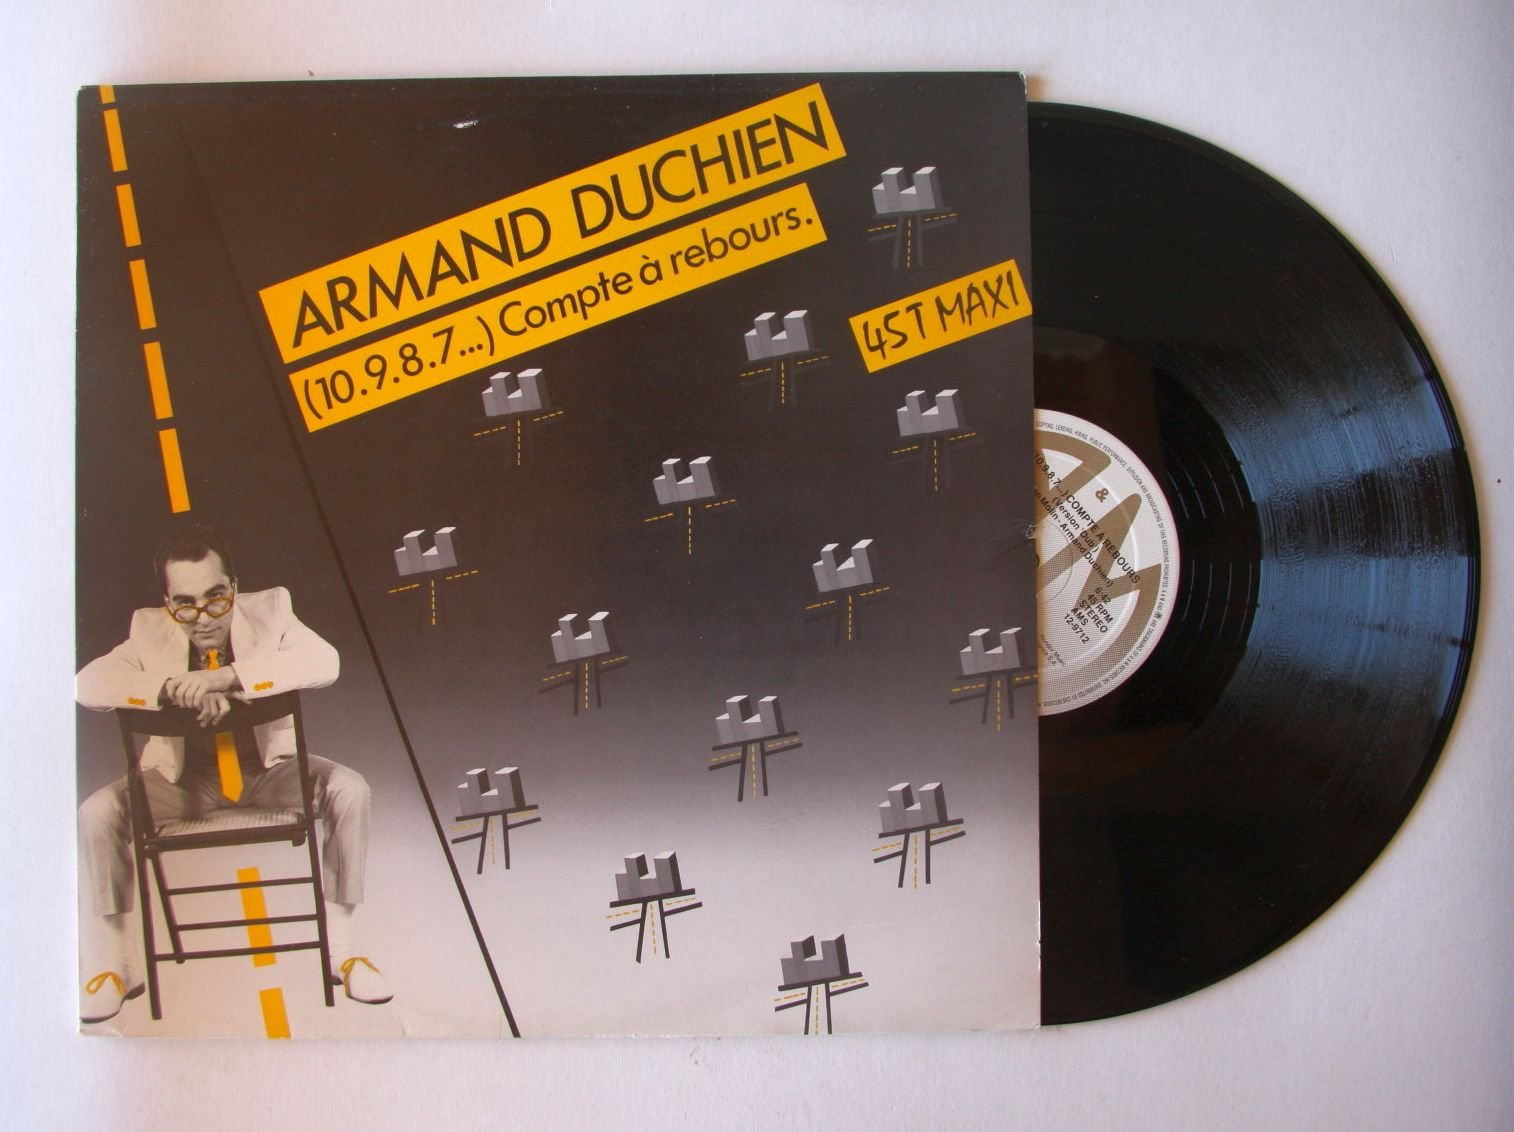 Armand Duchien 10 9 8 7 Countdown Compte Rebours